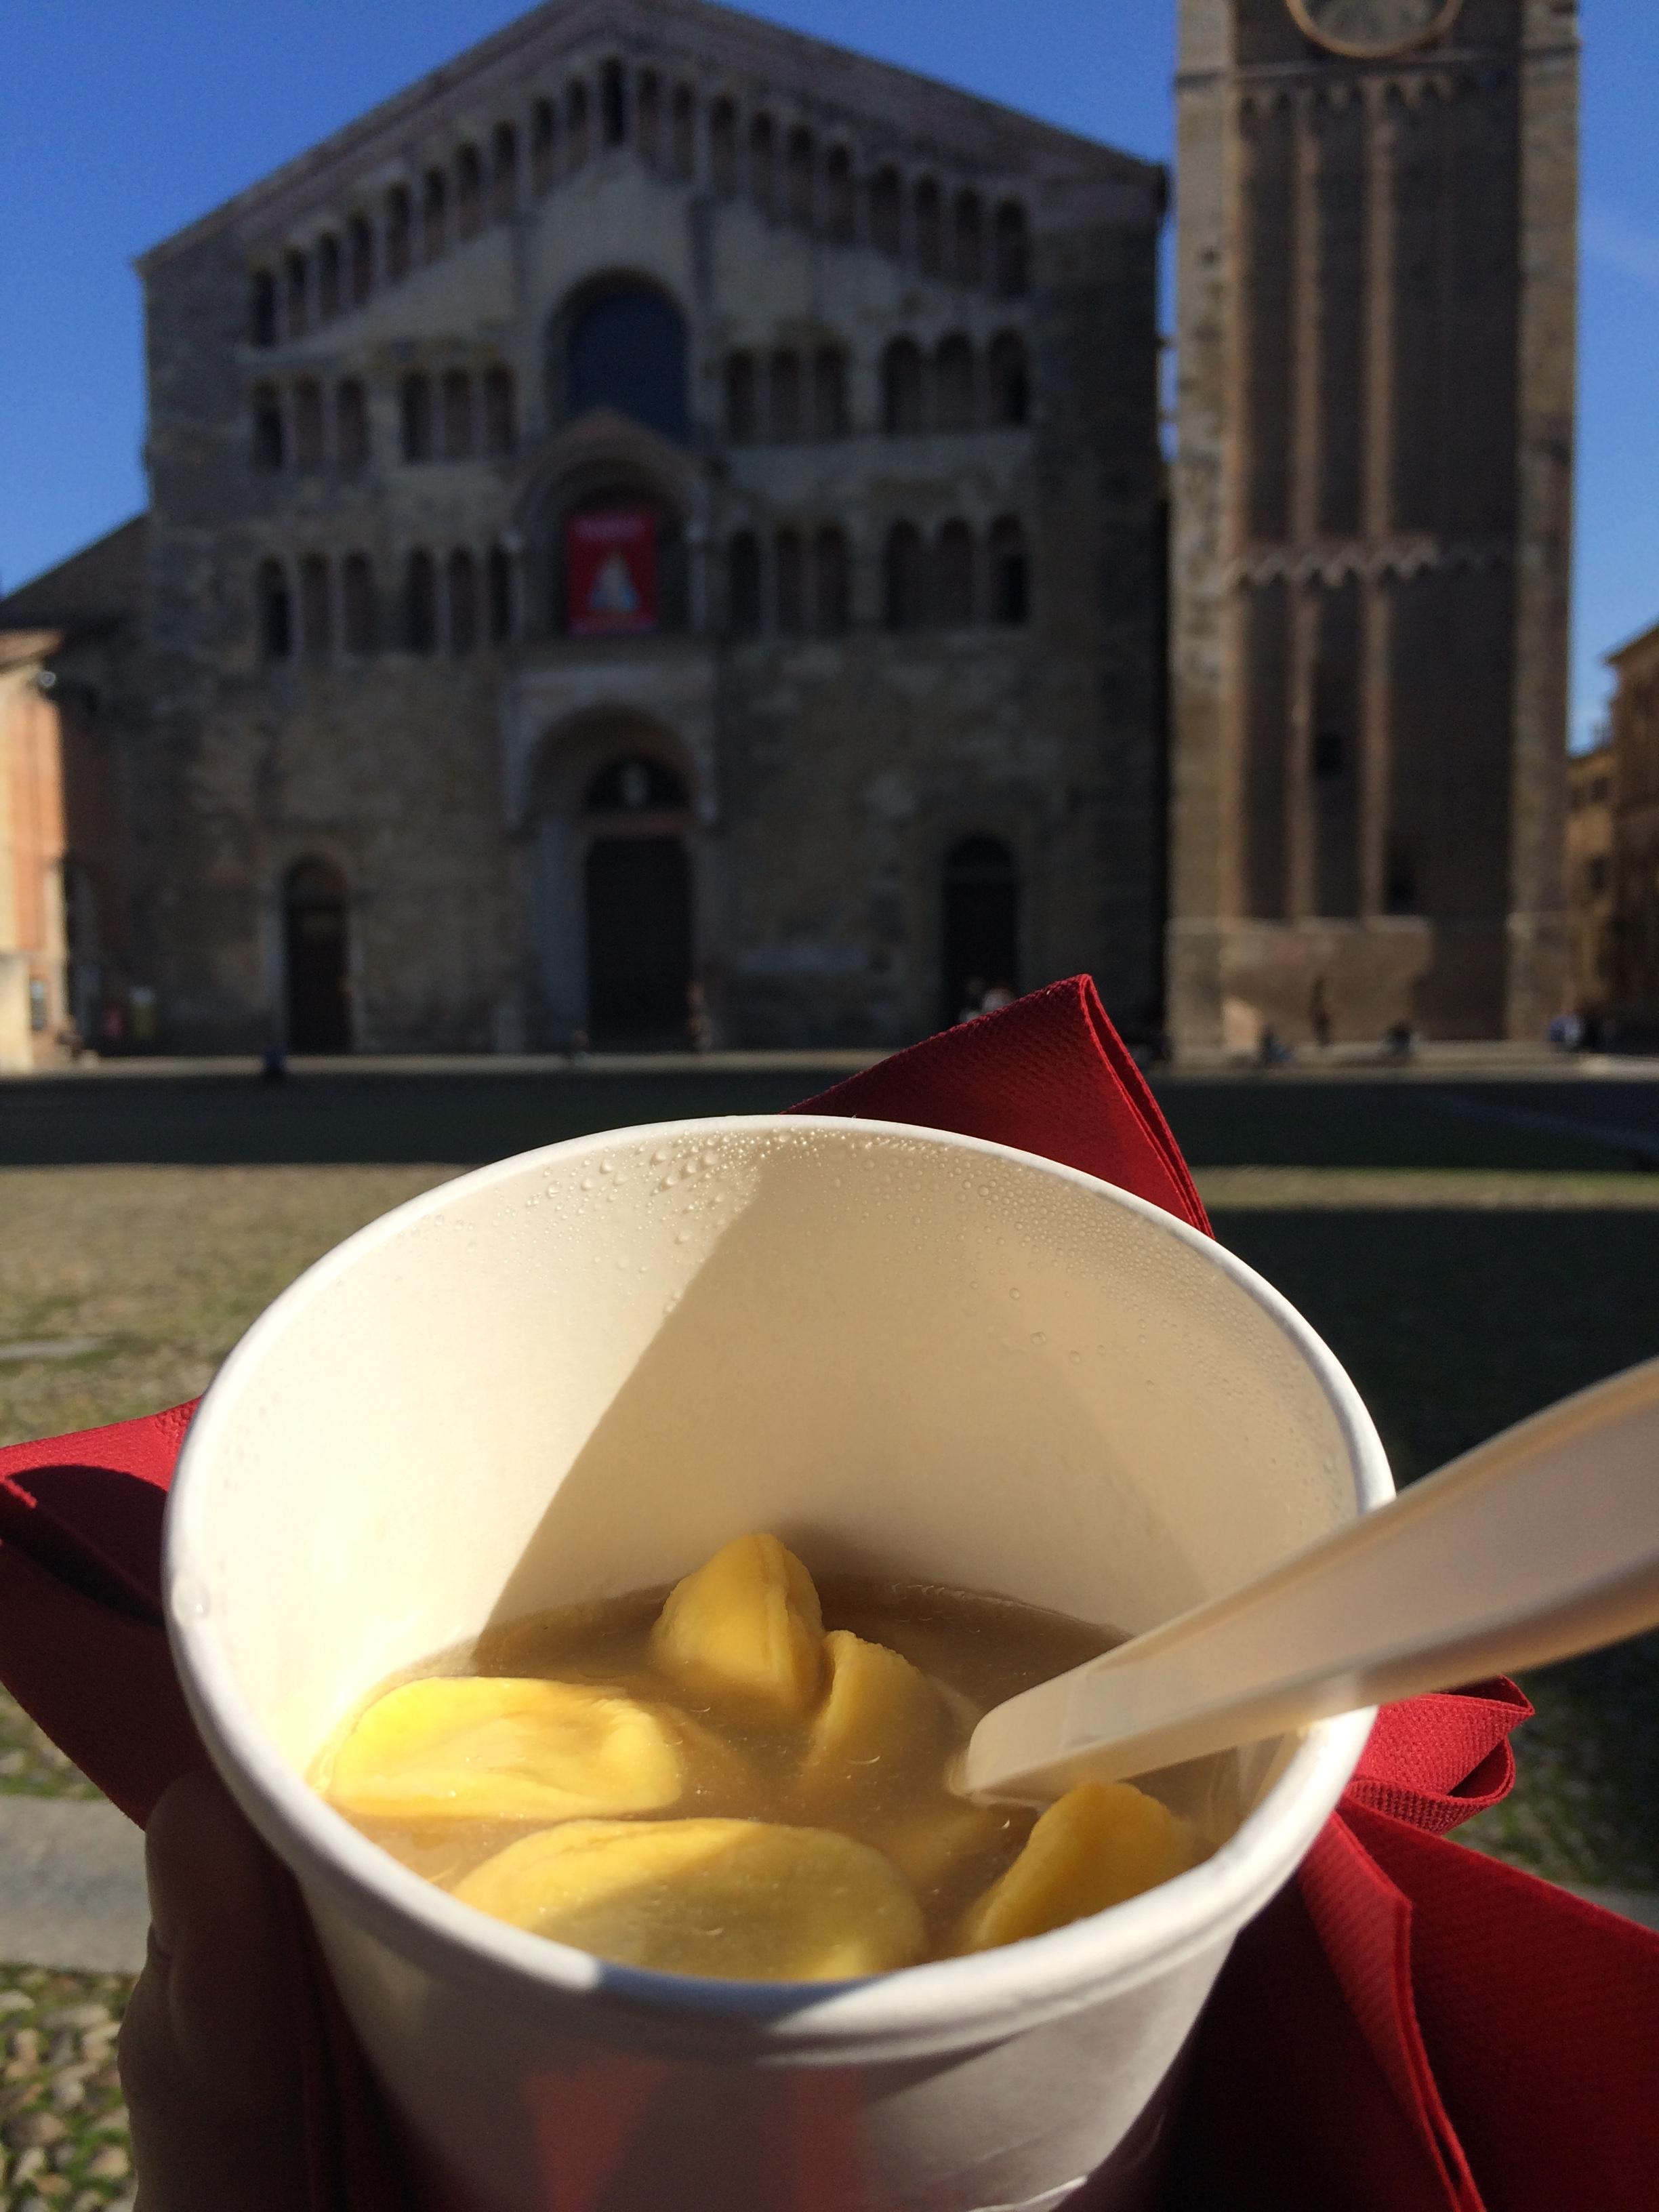 Passeggiare degustando in Piazza Duomo